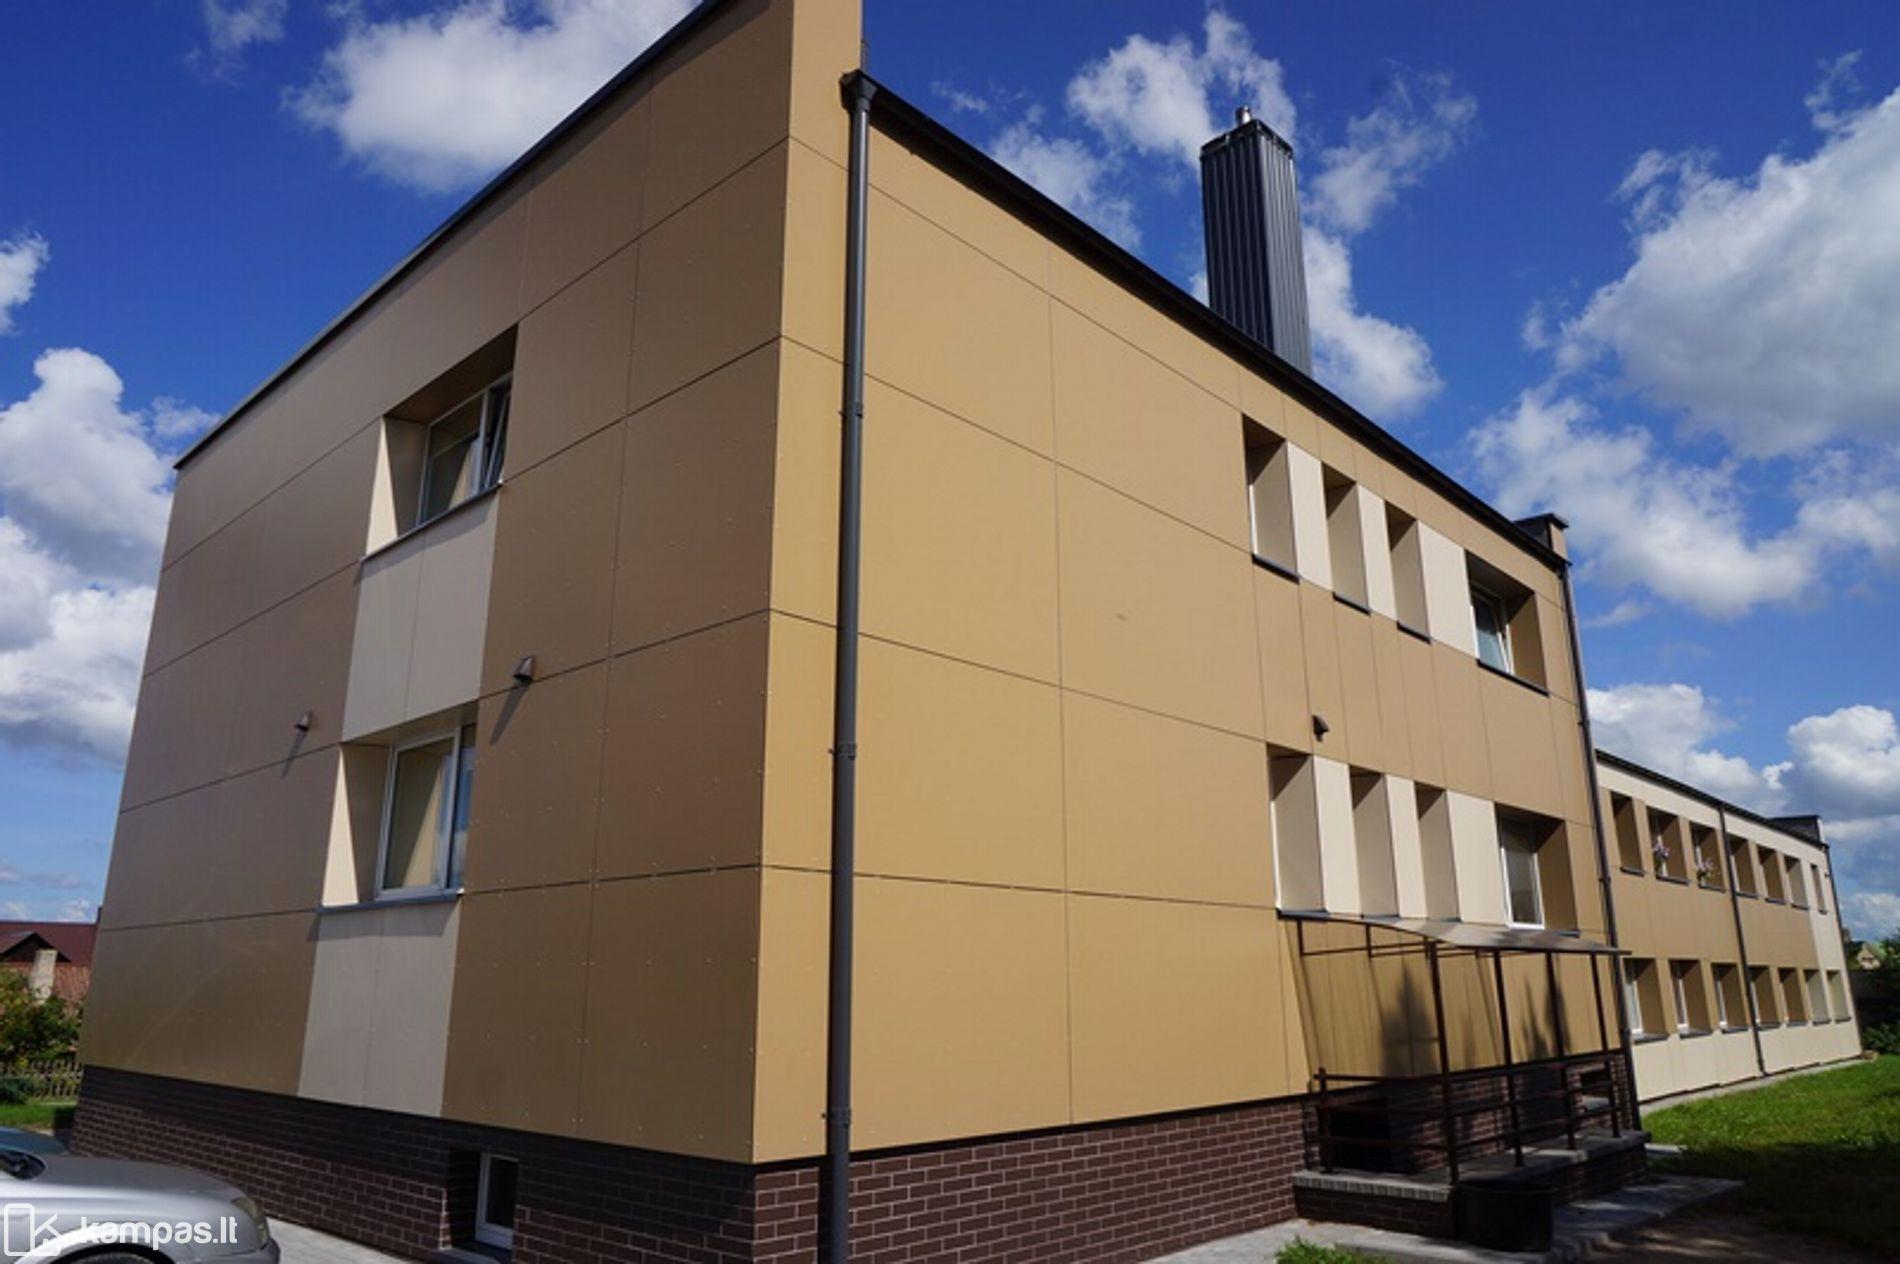 photo No.11 Molėtų r. sav., Molėtai, Obelų g.